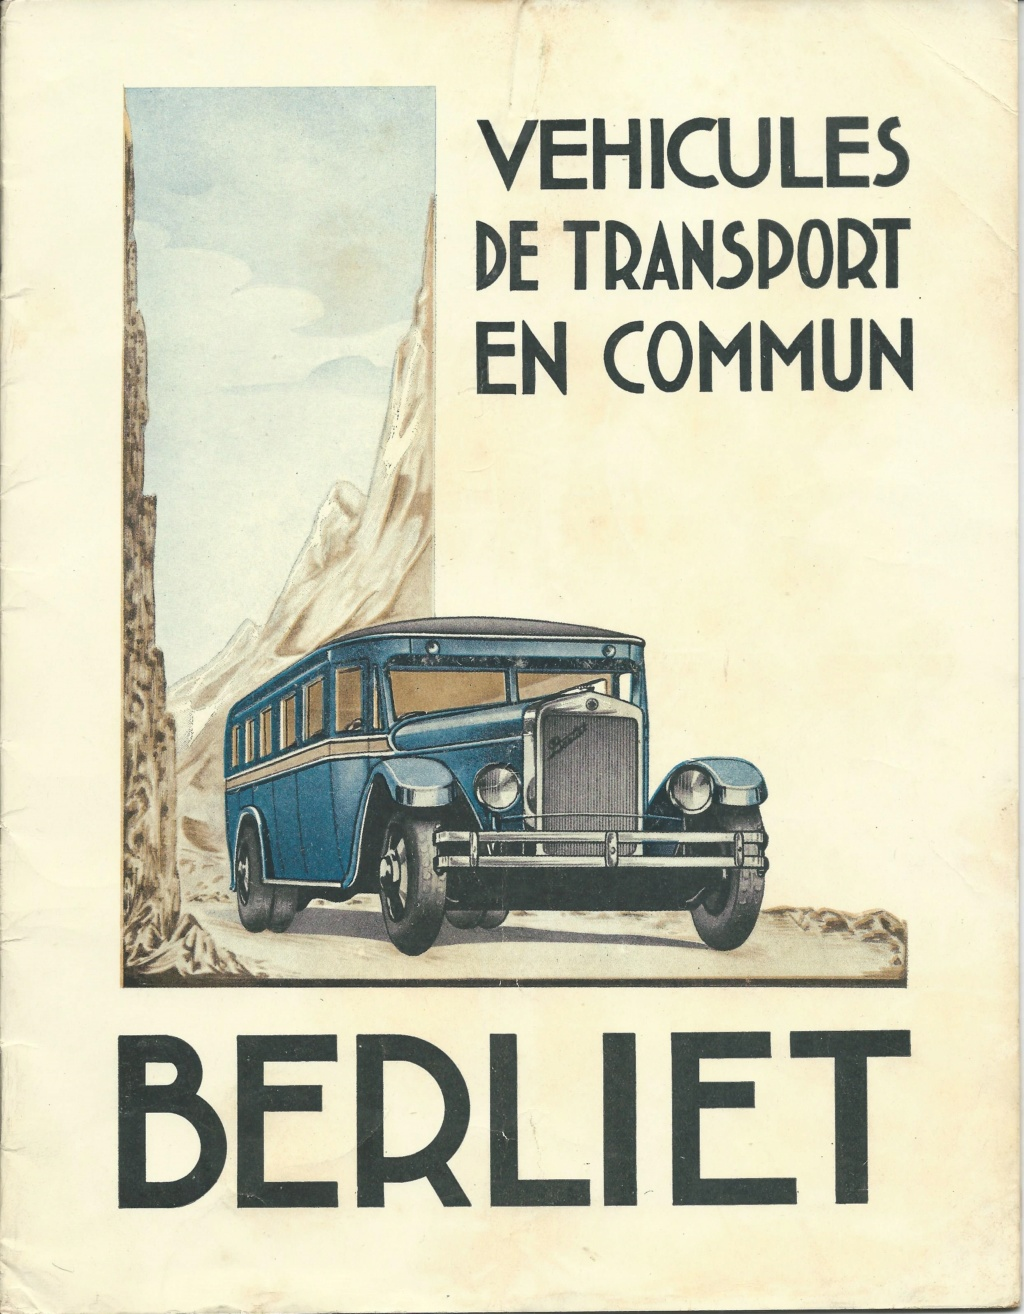 Pub , catalogues et livres sur BERLIET - Page 3 Berlie47